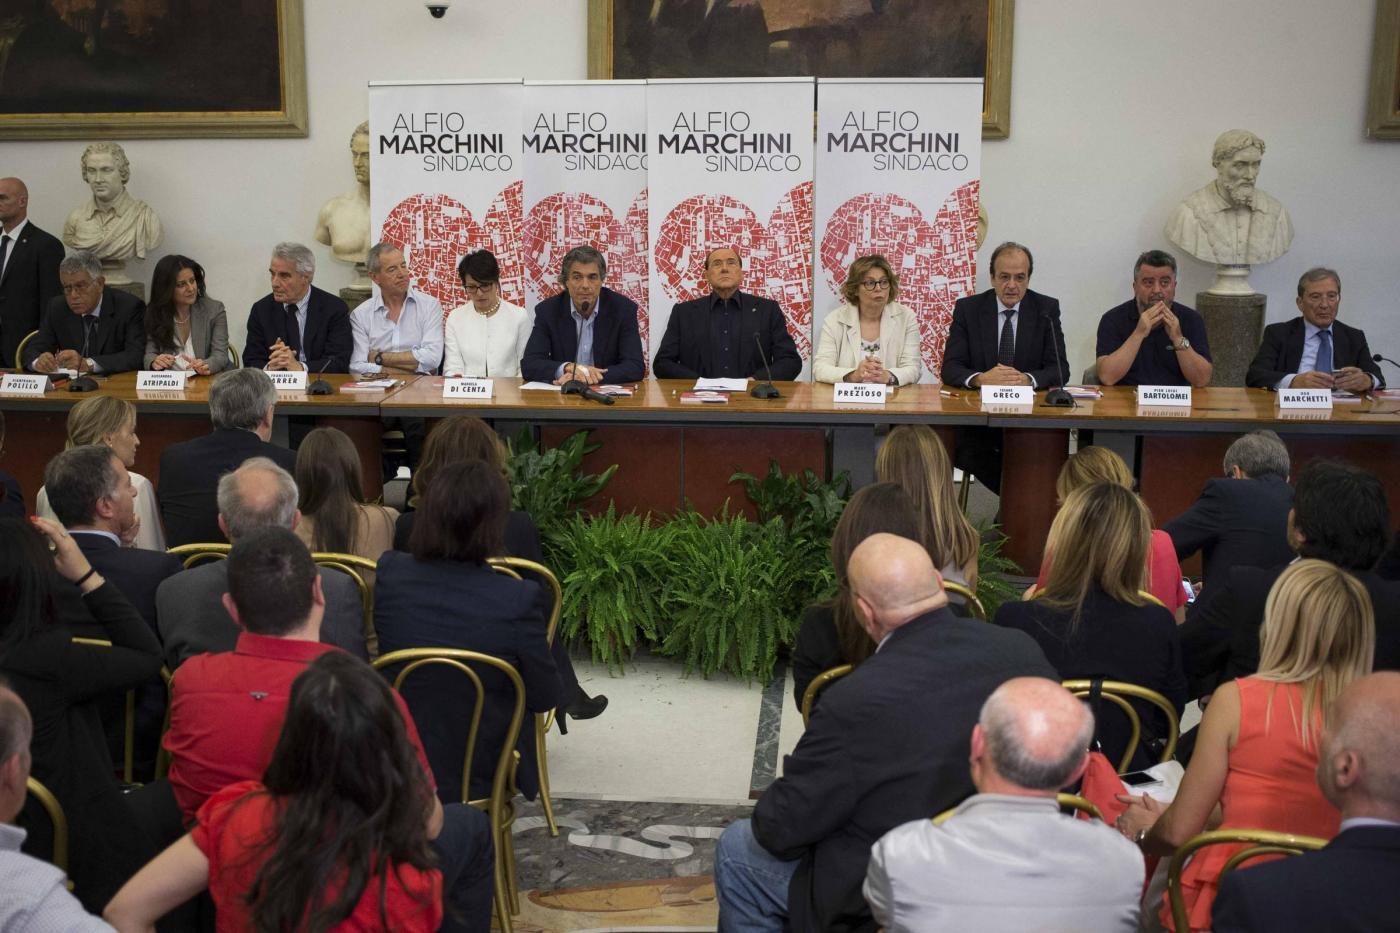 Roma, Comunali 2016: Alfio Marchini presenta la sua lista